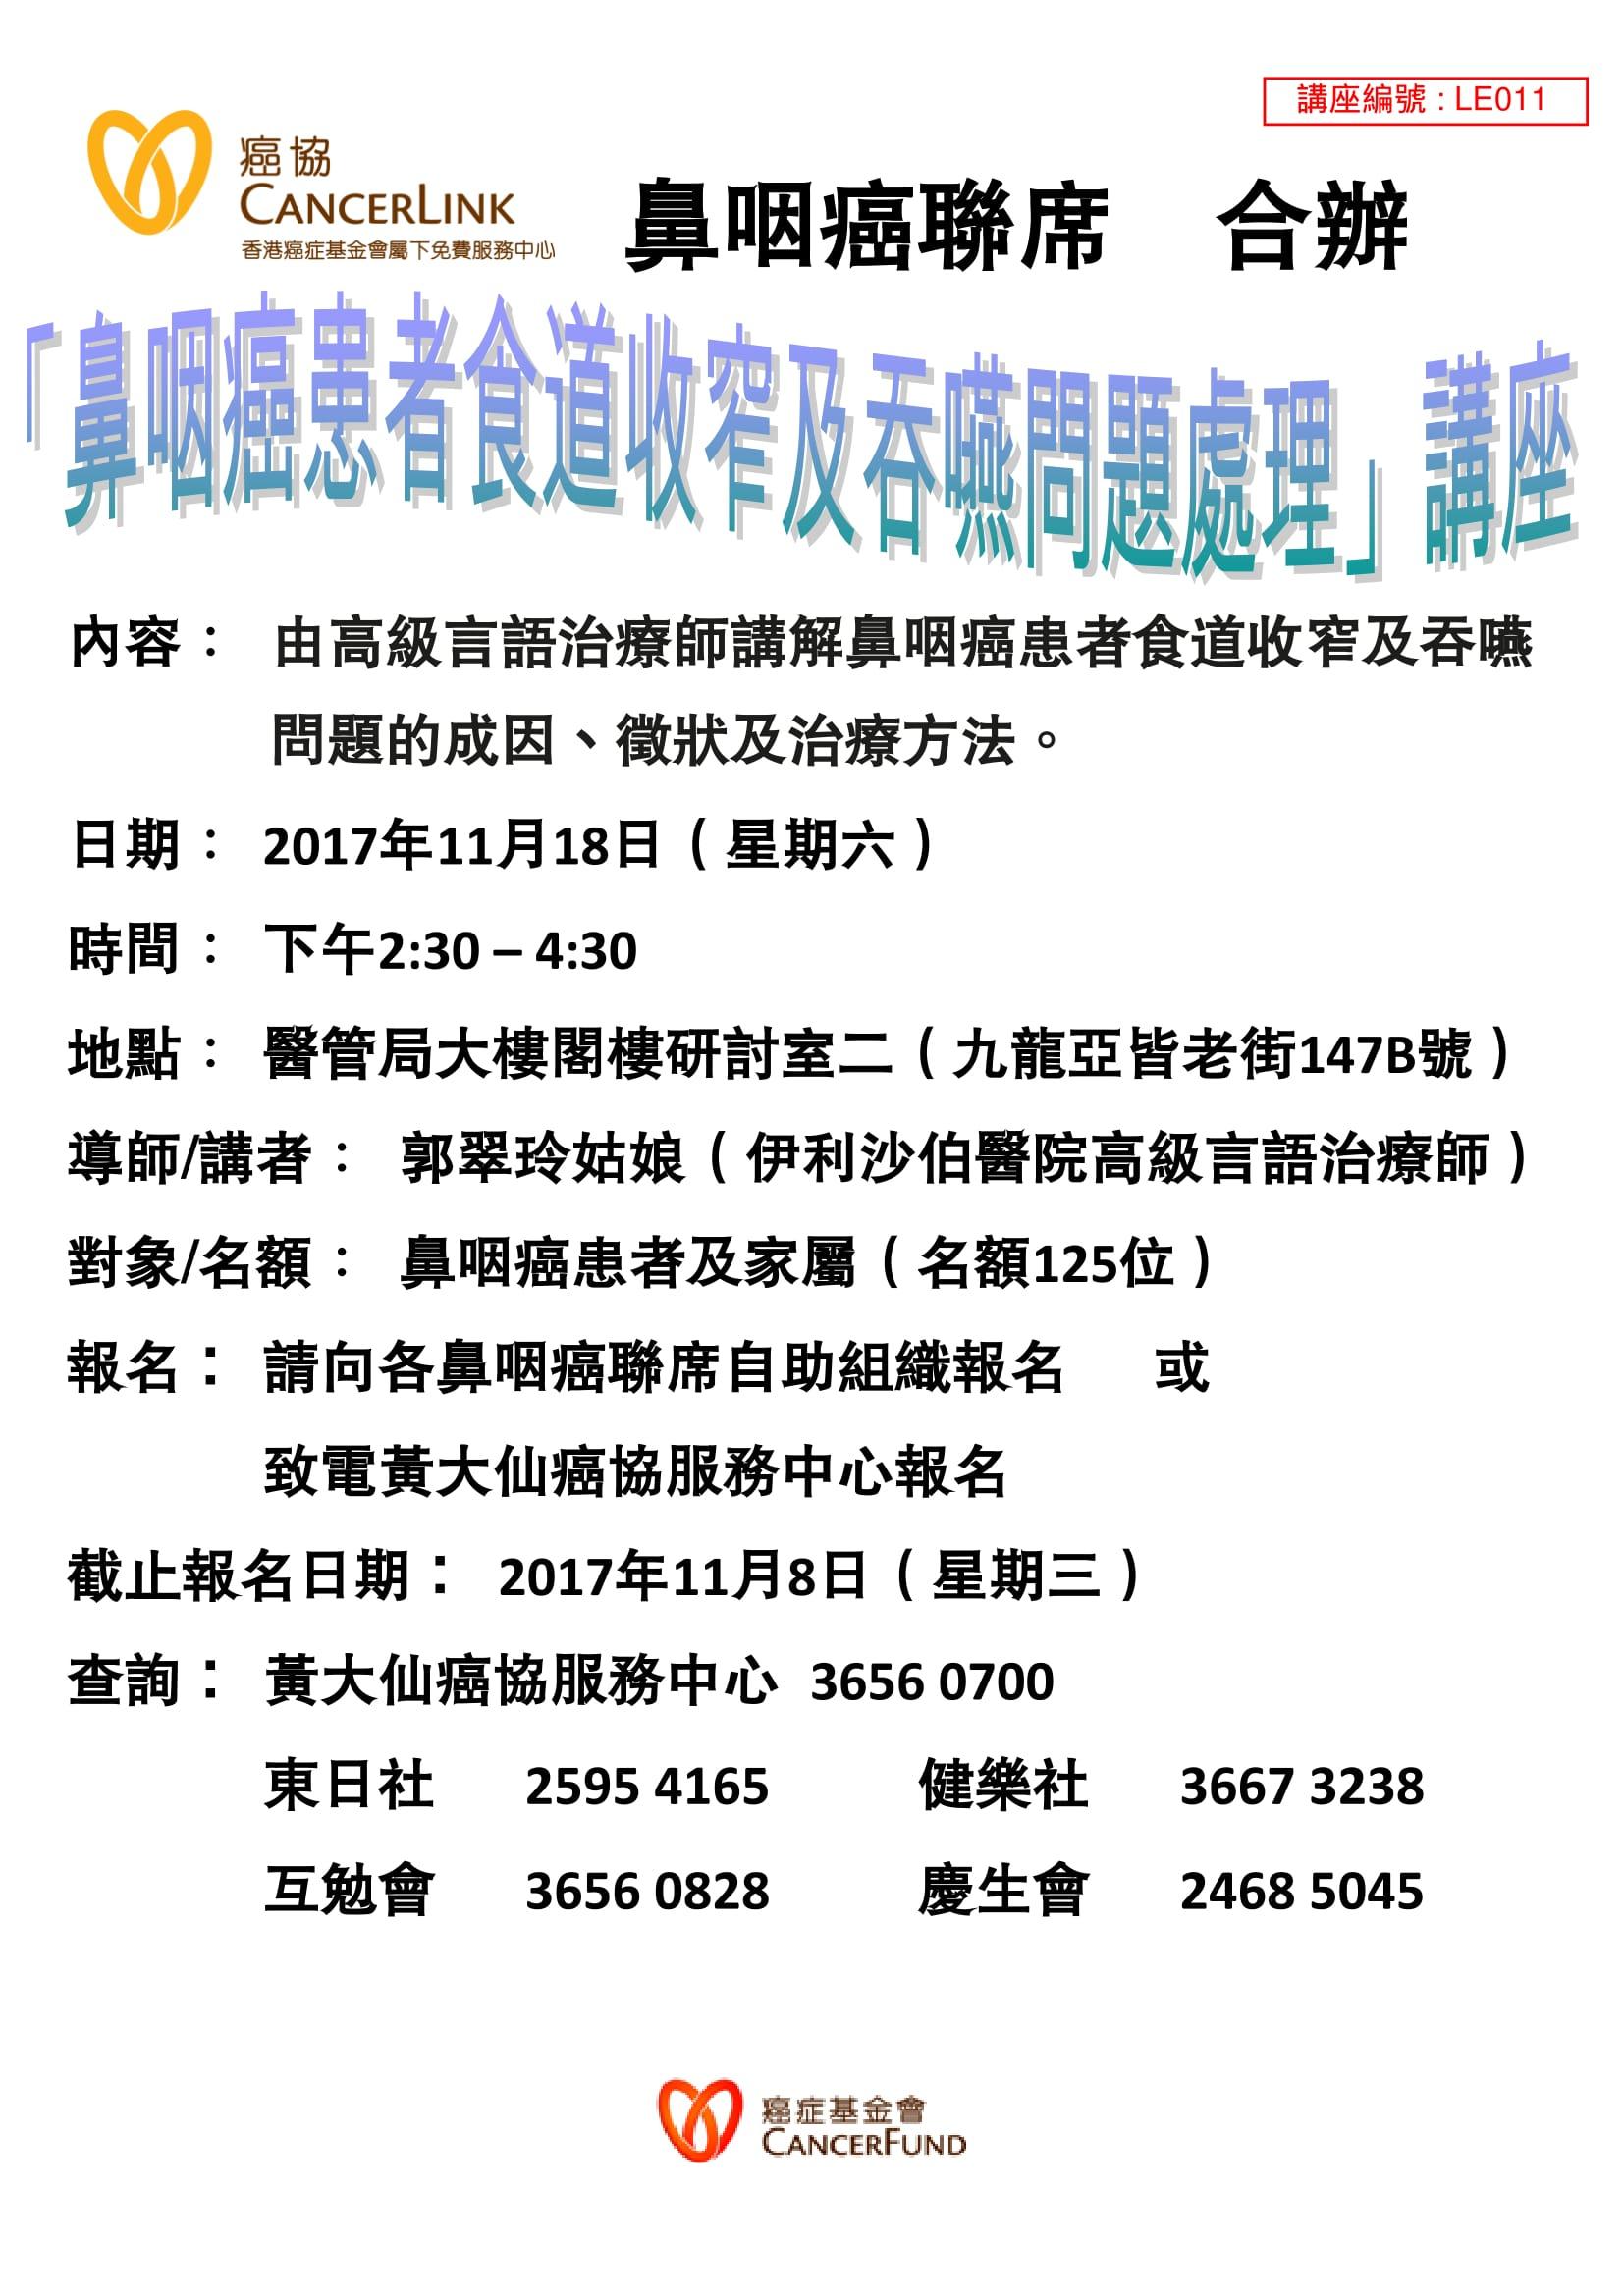 20171118-吞嚥講座海報